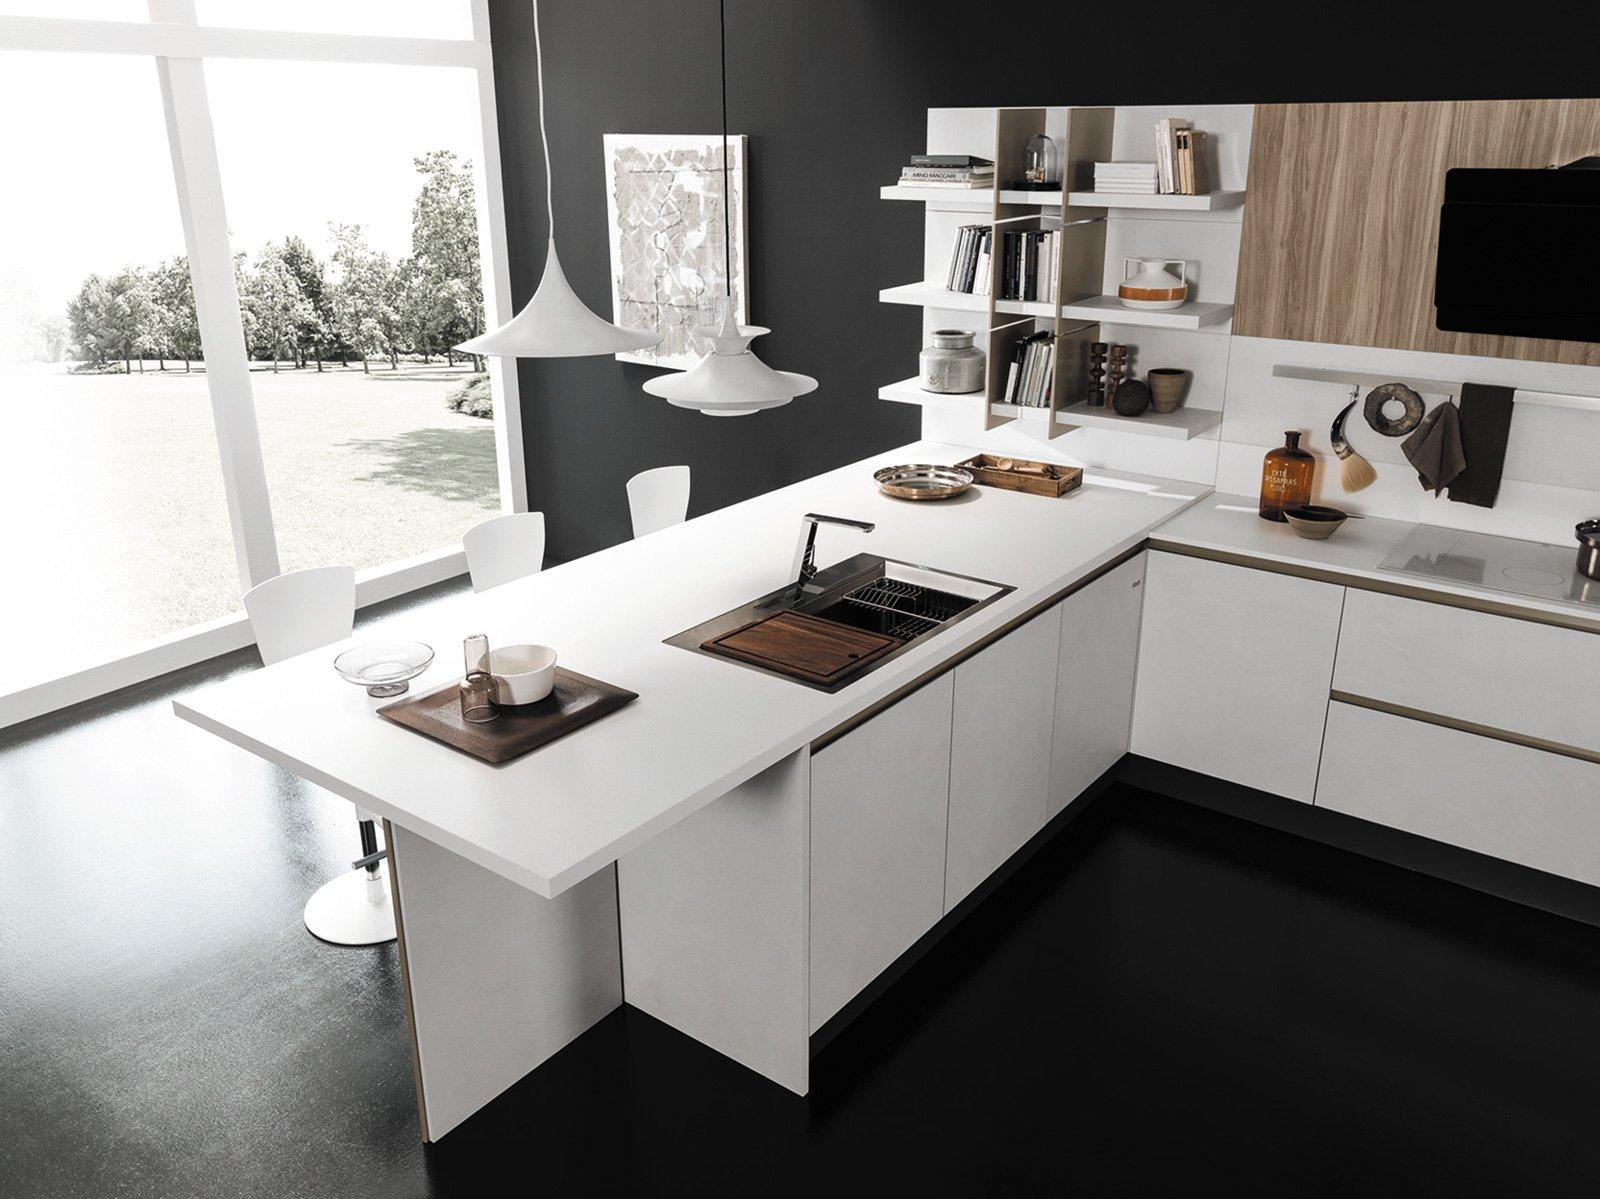 Cucine con penisola grande per separare contenere pranzare cose di casa - Top cucina fenix prezzo ...